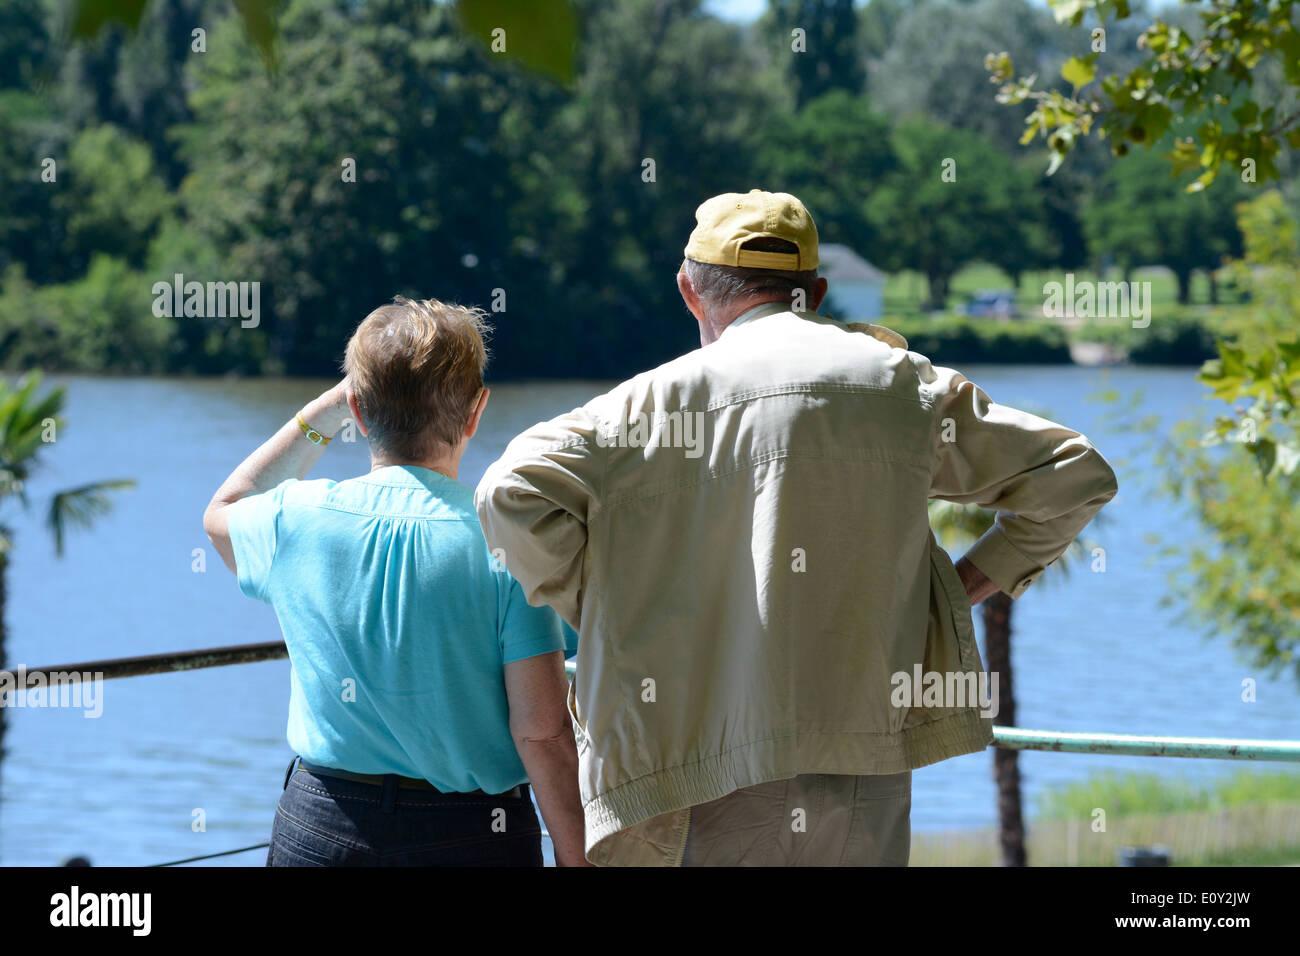 Les retraités / retraités, senior couple resting et passent à côté d'un lac dans un parc Photo Stock